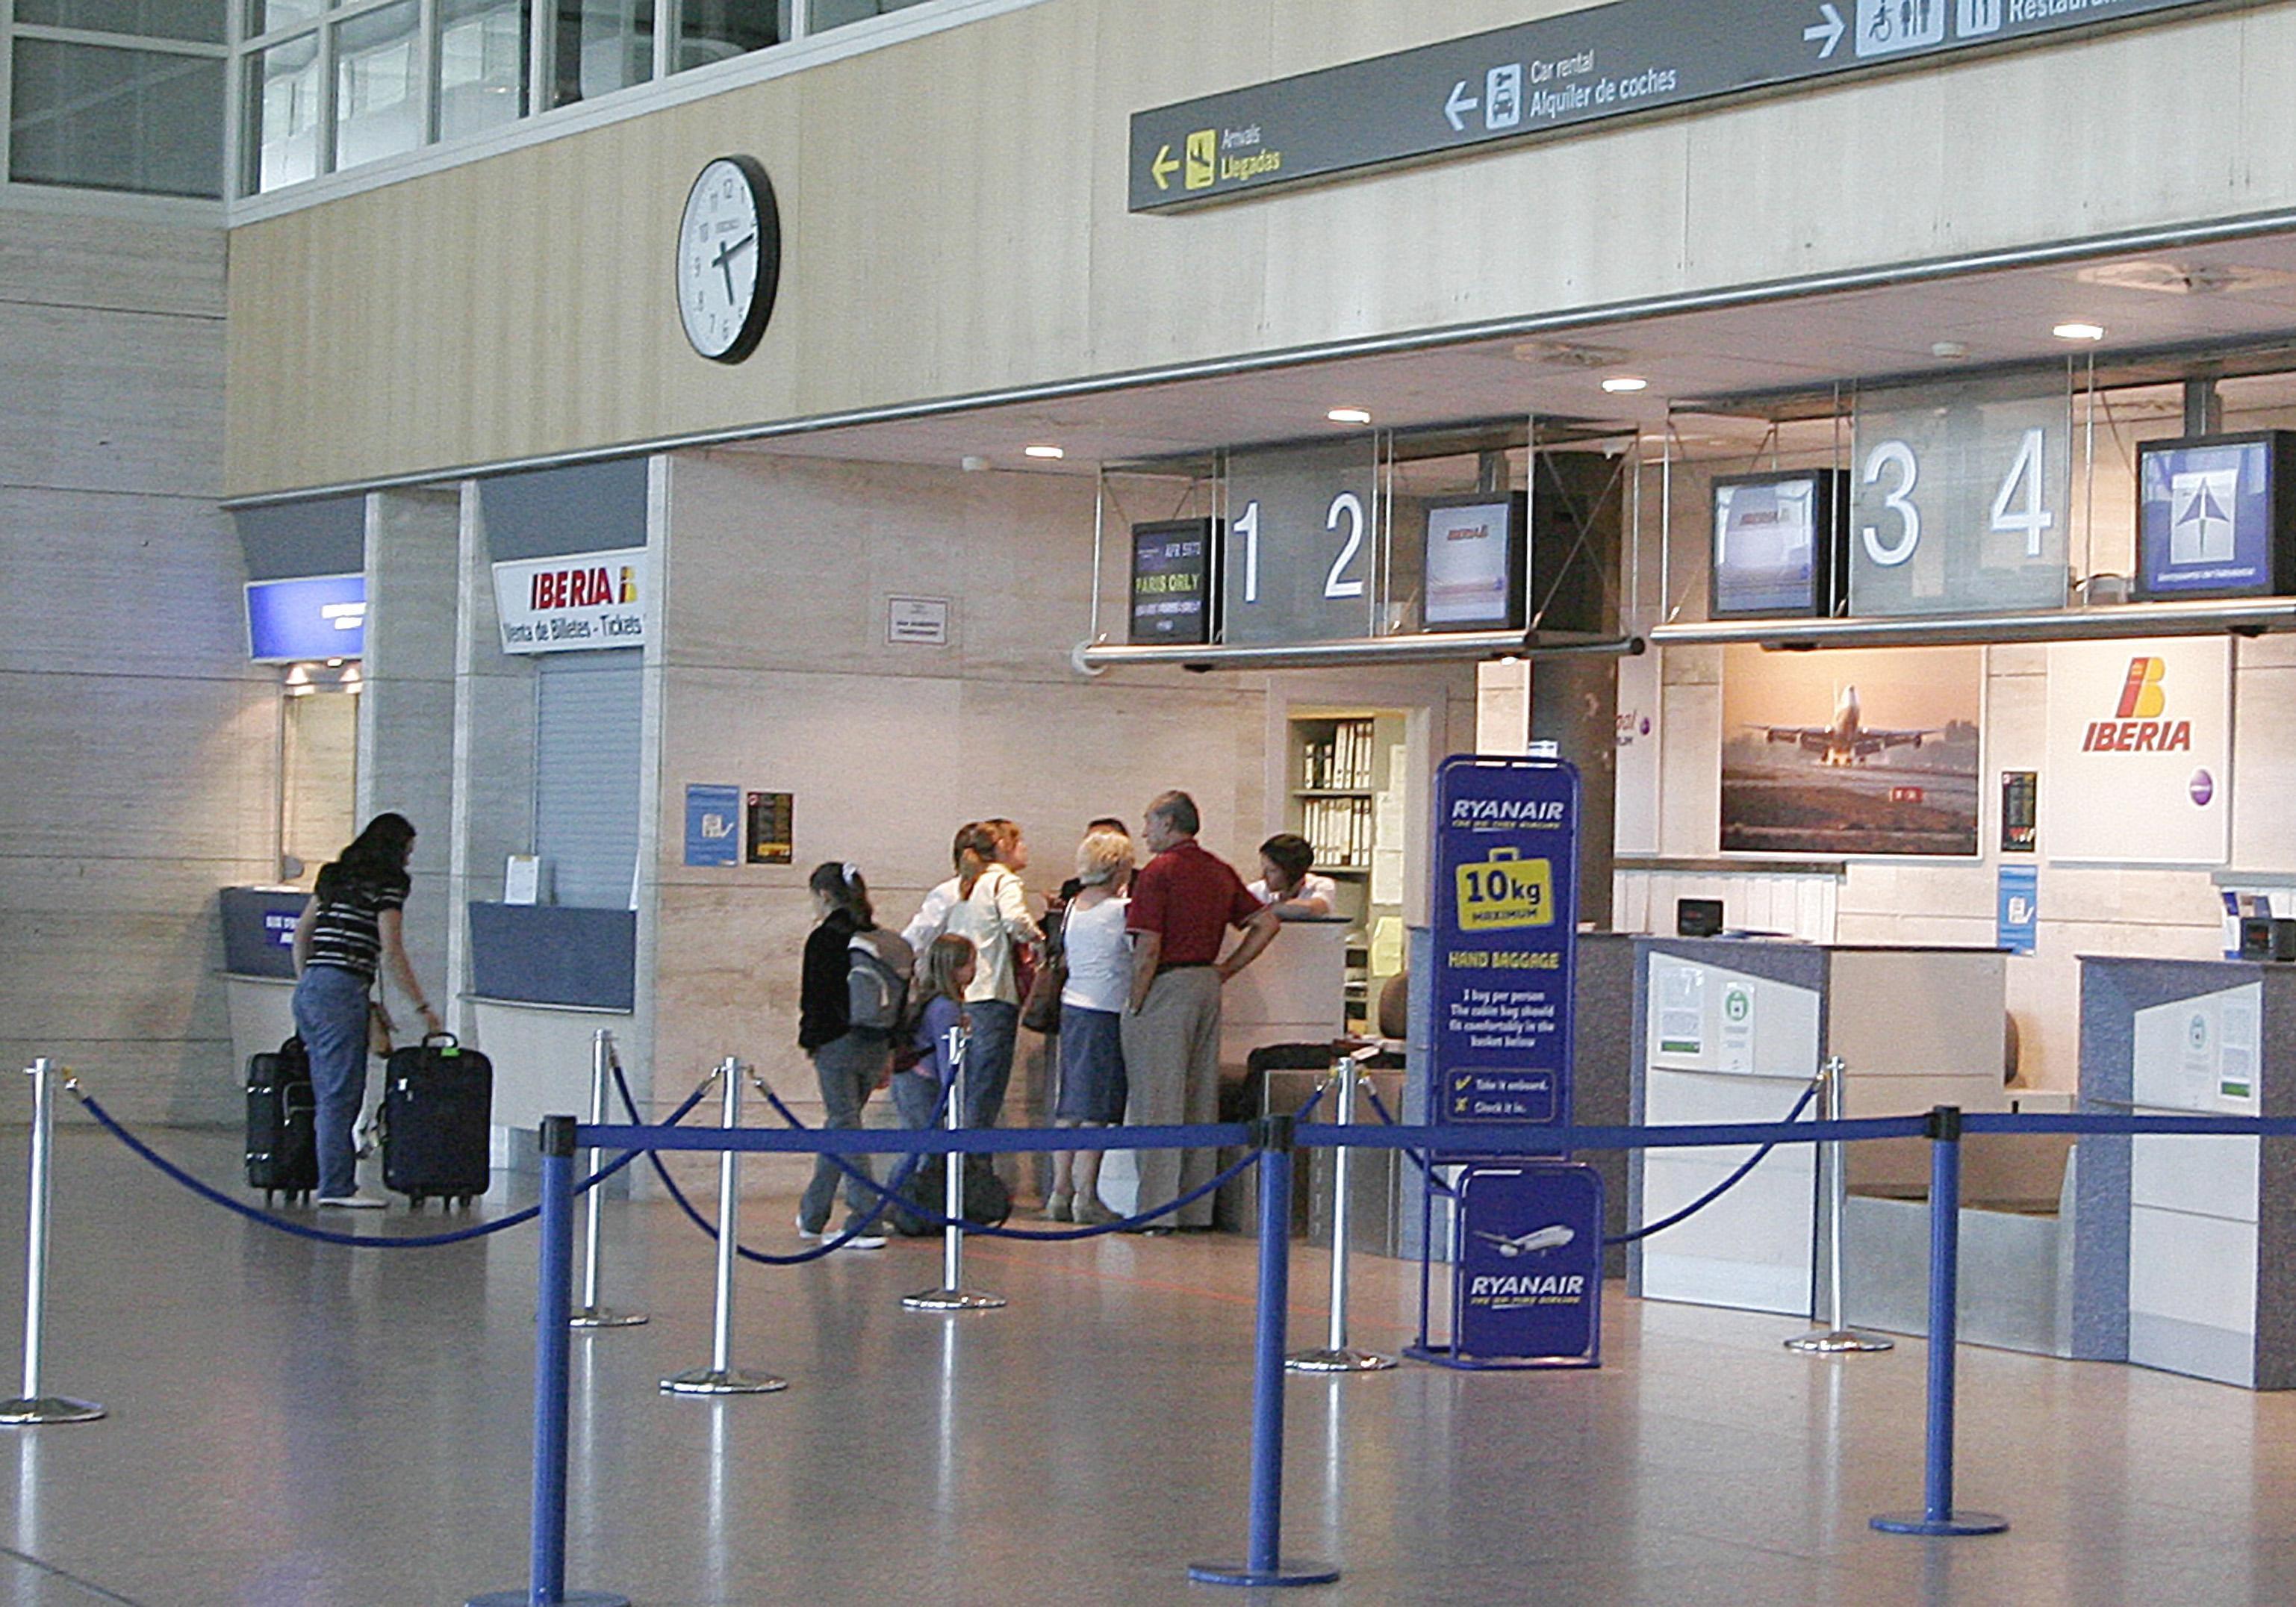 El Aeropuerto de Valladolid contará durante el verano con diez vuelos semanales a Palma de Mallorca